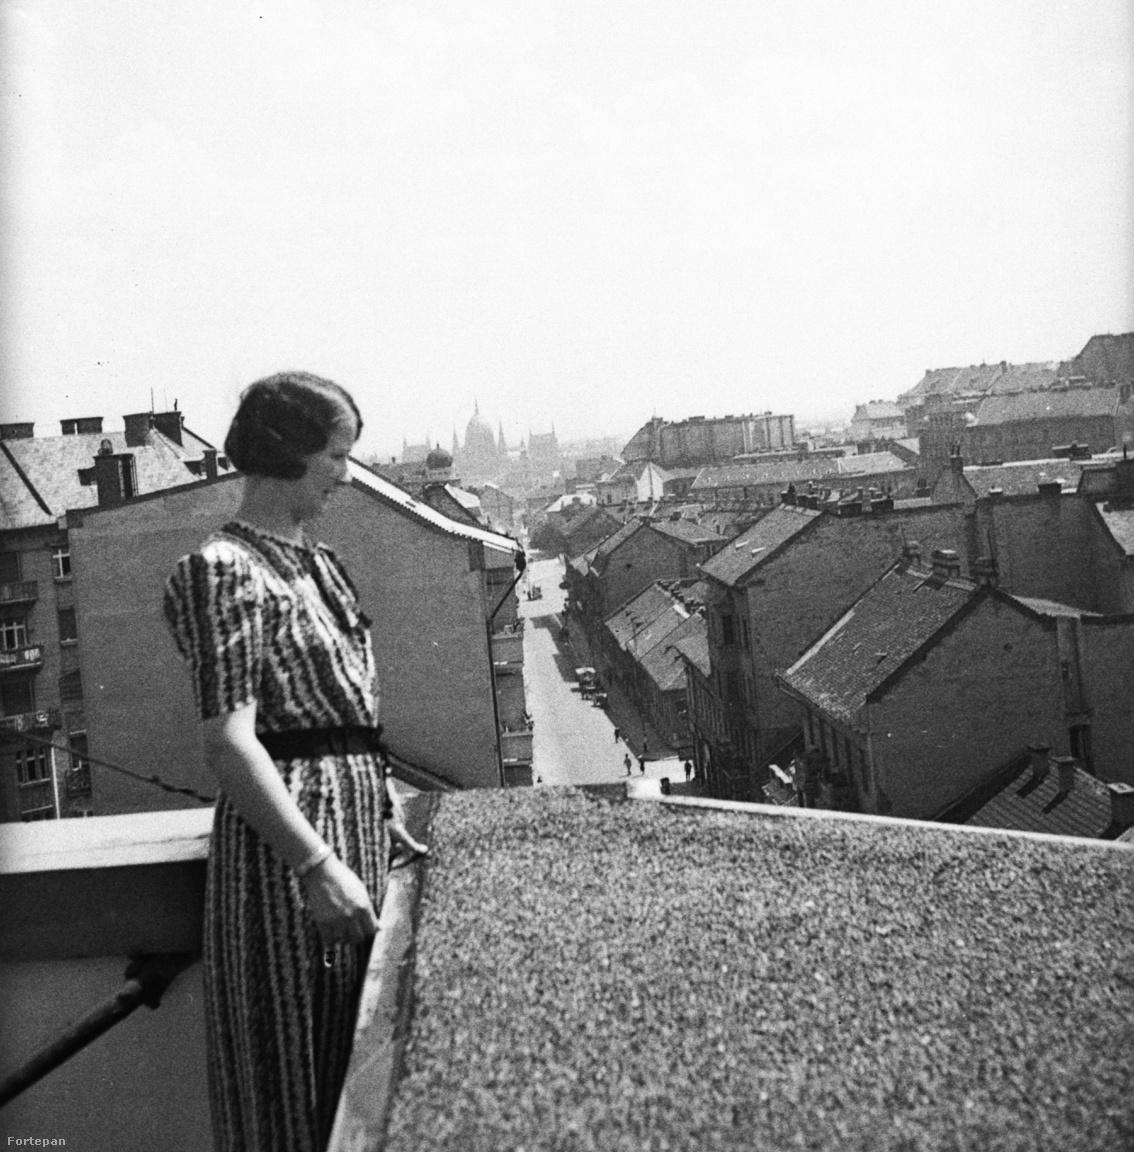 Az art deco idején több oyan ház is épült Budapesten, amelyeknek a homlokzatát szinte csak az erkélyek díszítik. Ilyen ez a Retek utcai ház is, amit a két tervező, Fenyves István és Fried Miksa megfejelt egy tetőterasszal is. Érdemes volt, gyönyörű a kilátás belőle, ahogy az ezen az 1938-as fotón is látszik.